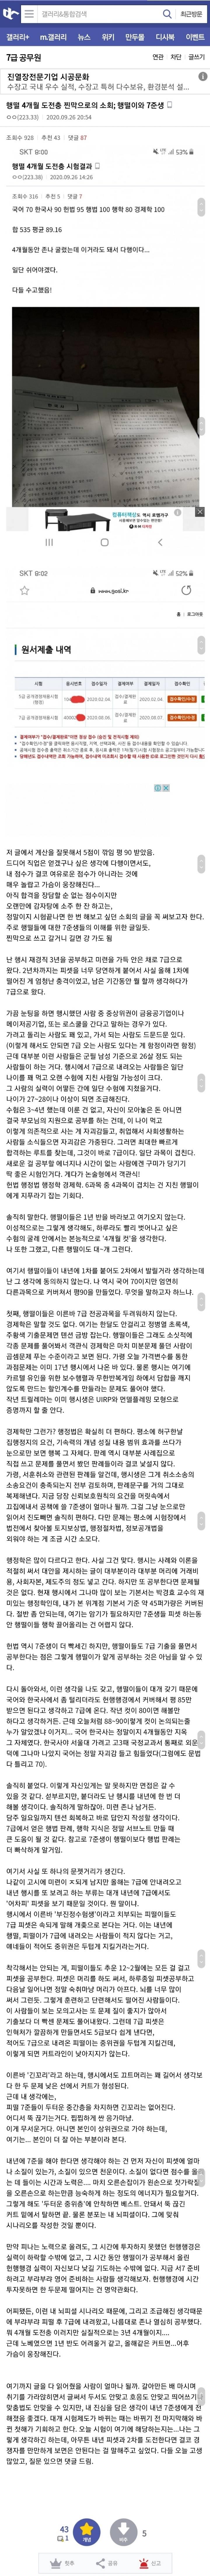 행정고시 탈락후 7급 4개월 준비한 사람 후기 | 인스티즈